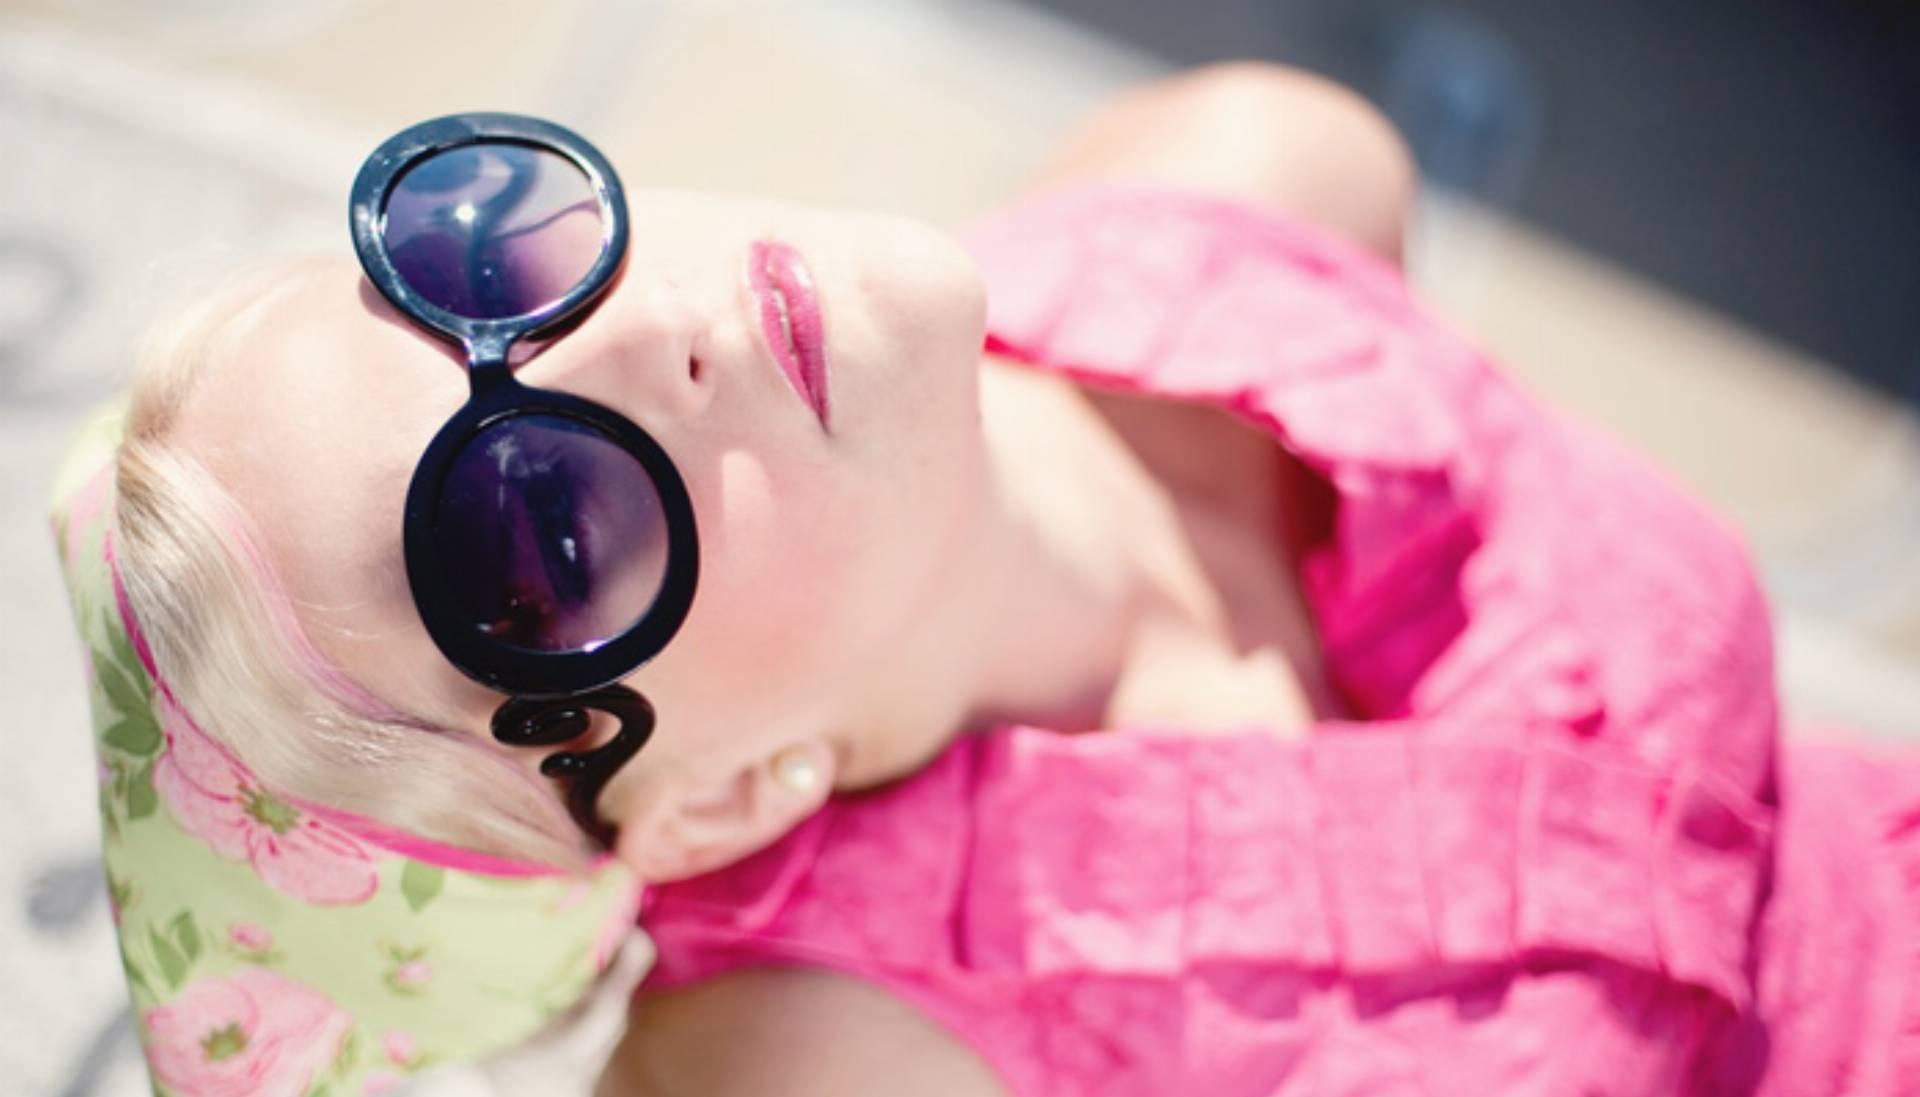 Okulary przeciwsłoneczne mogą szkodzić